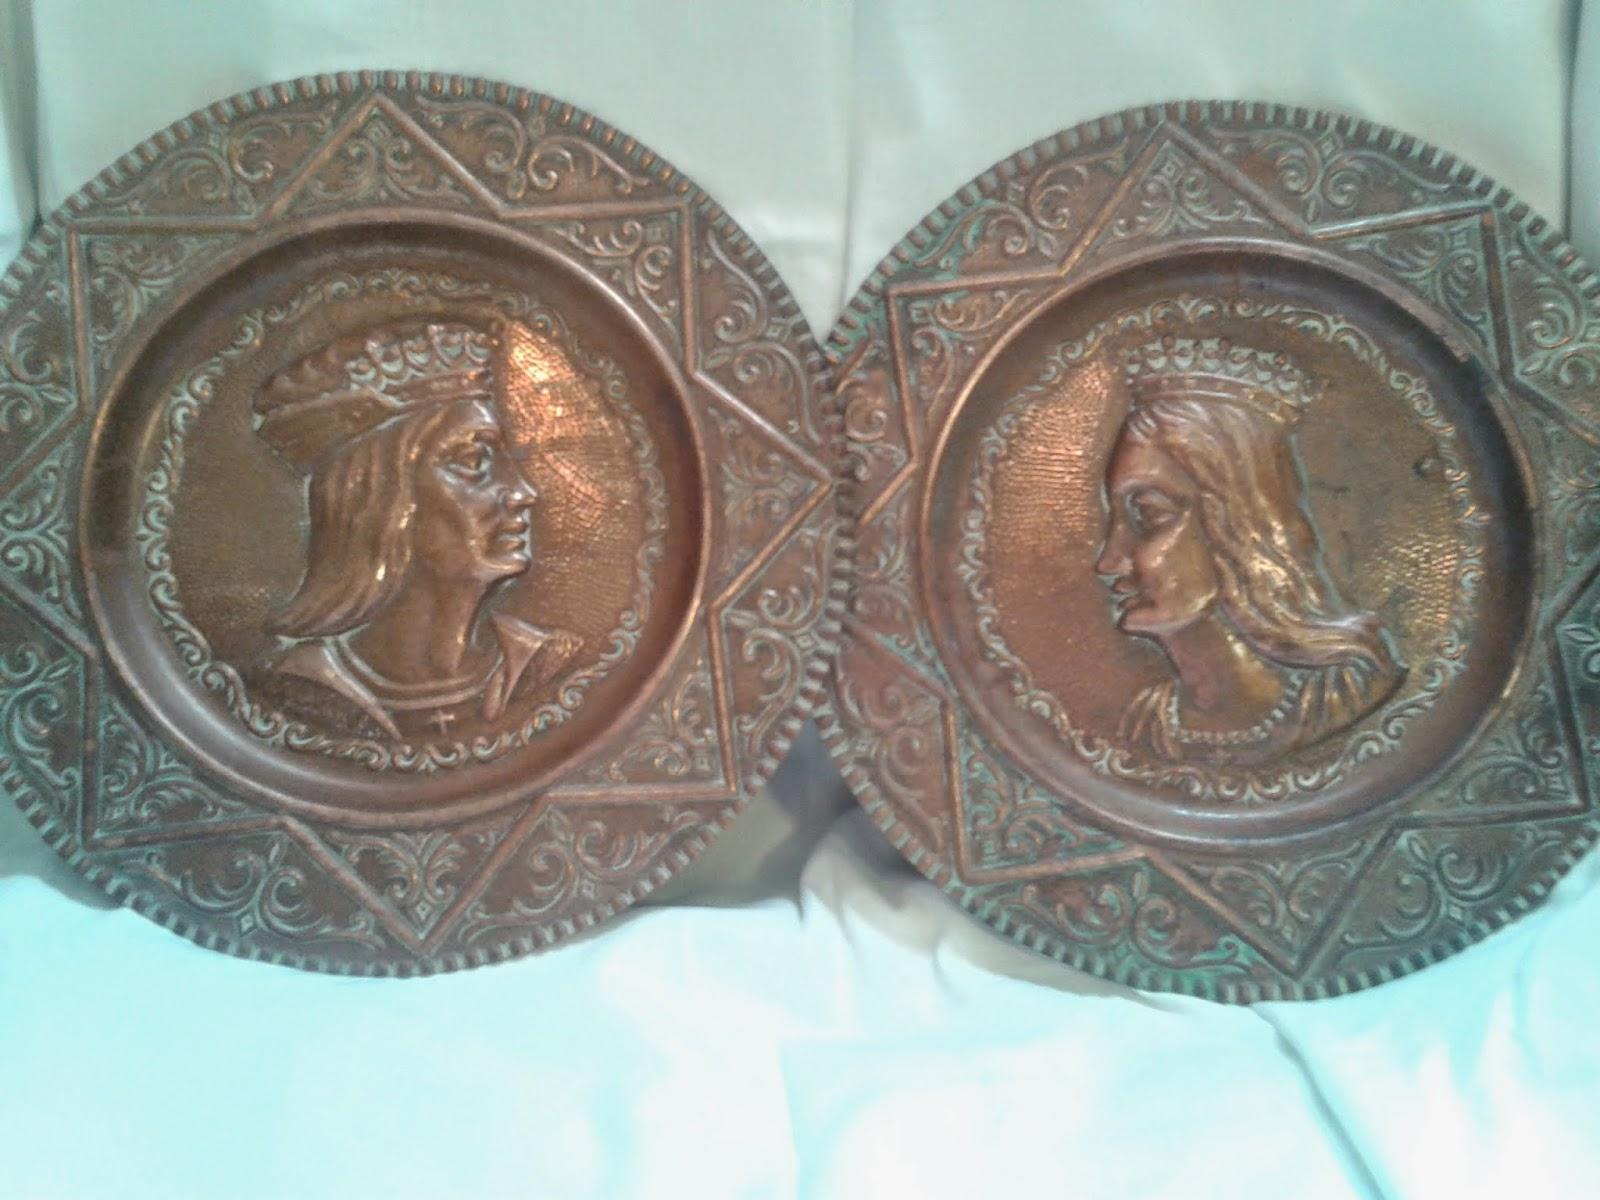 Platos decoratovos de cobre articulos de ocasion for Articulos de decoracion de cobre